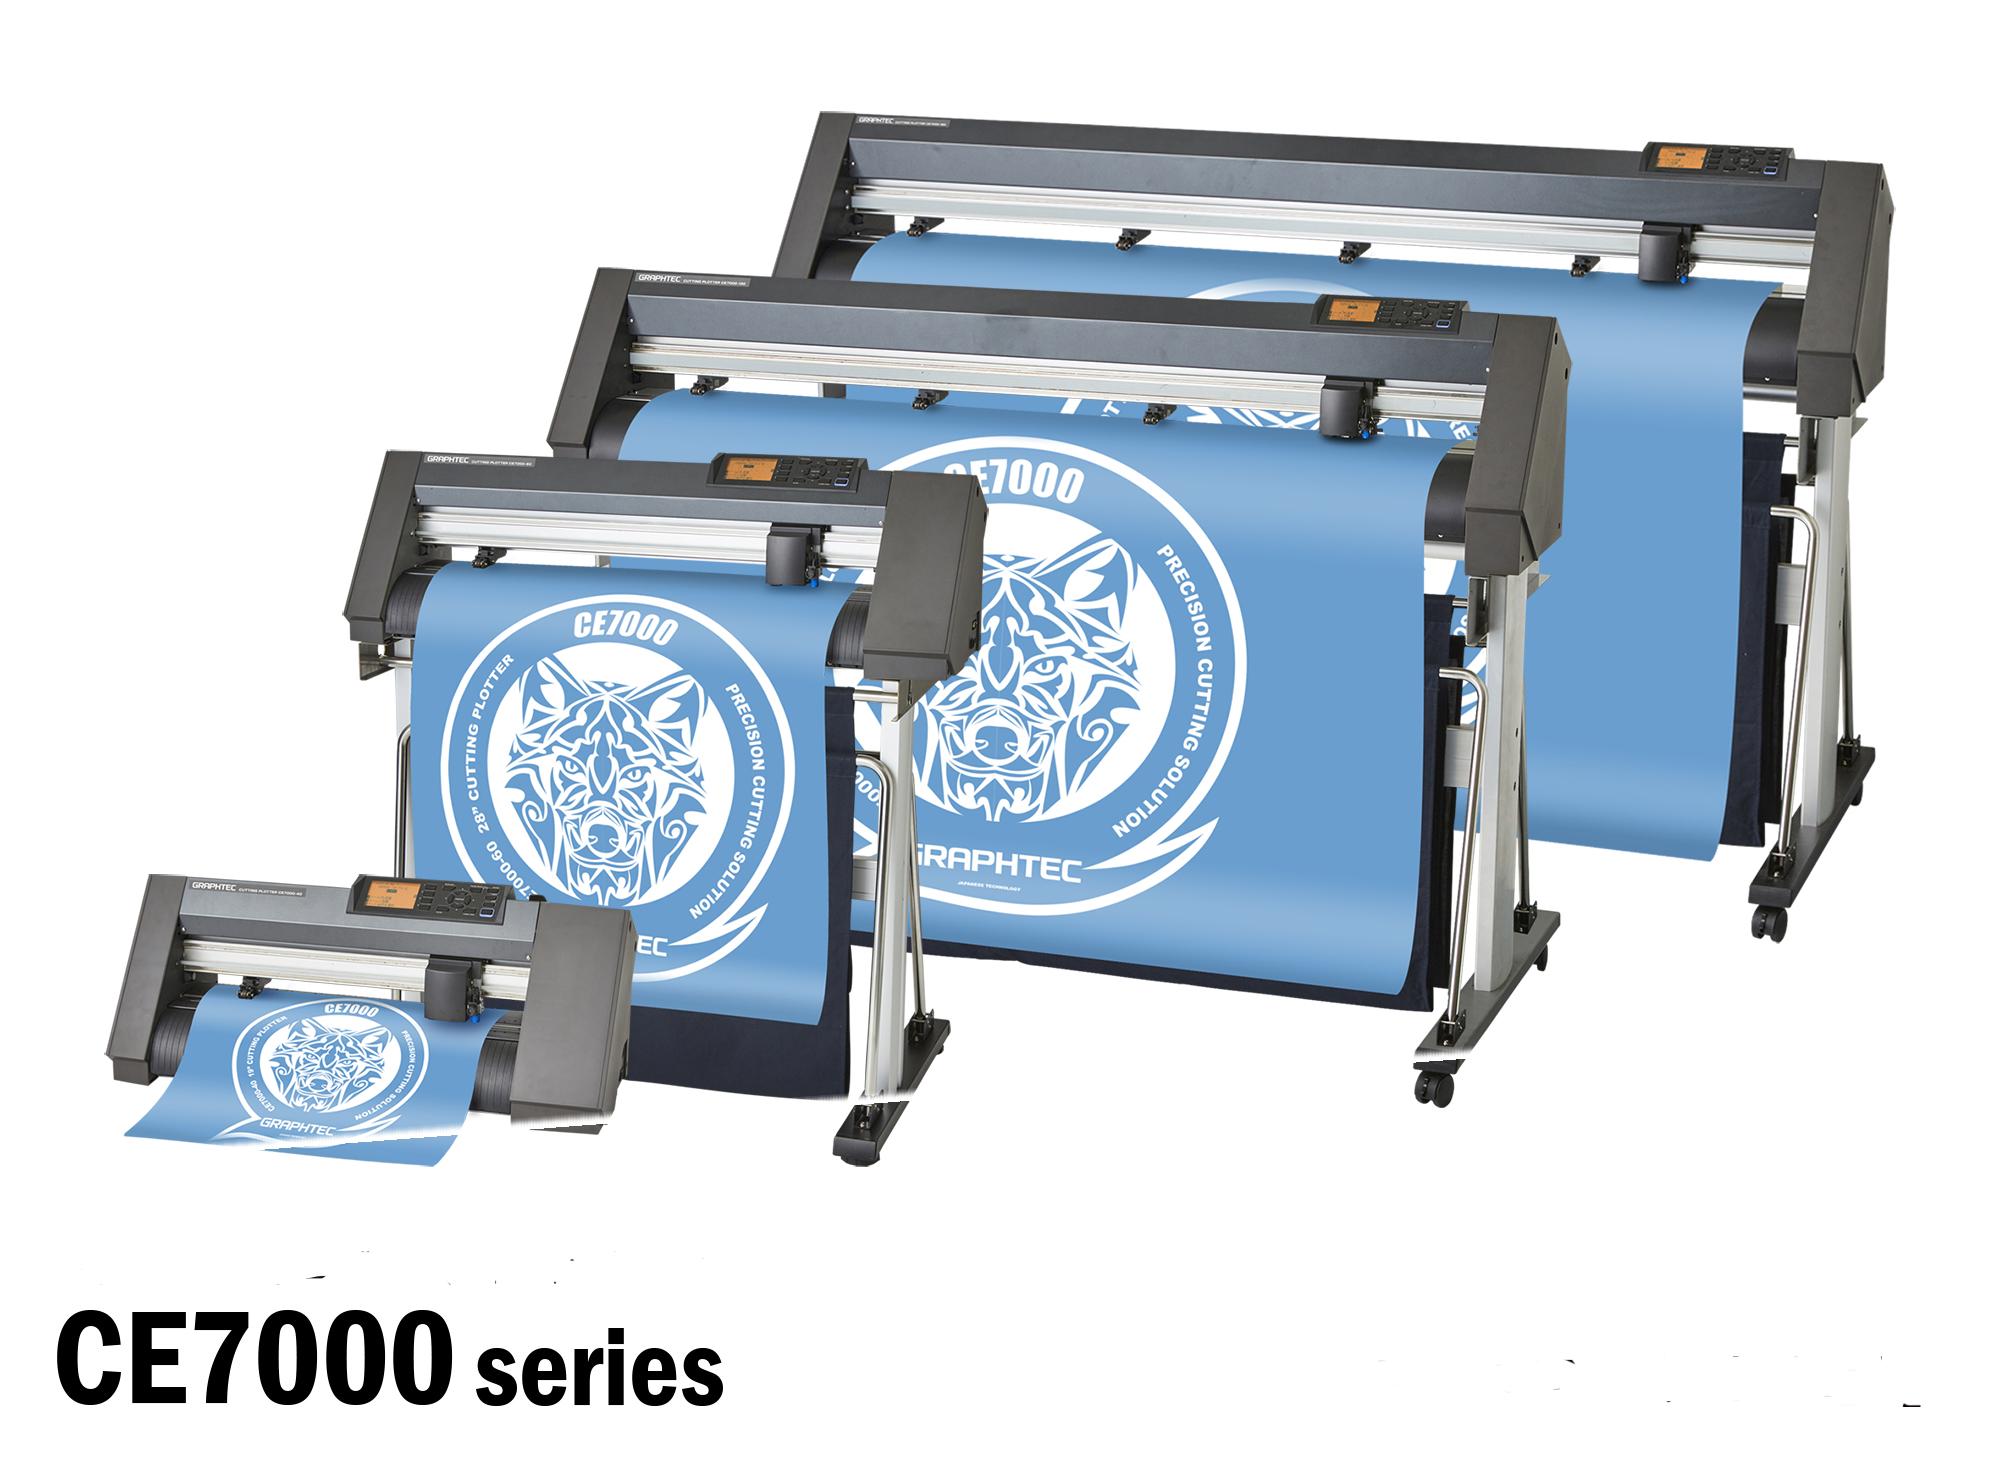 <p>Poboljšane karakteristike i velika isplativost! Najnovija Graphtec serija katera CE7000 poseduje visoku efikasnost i isplativost.</p>